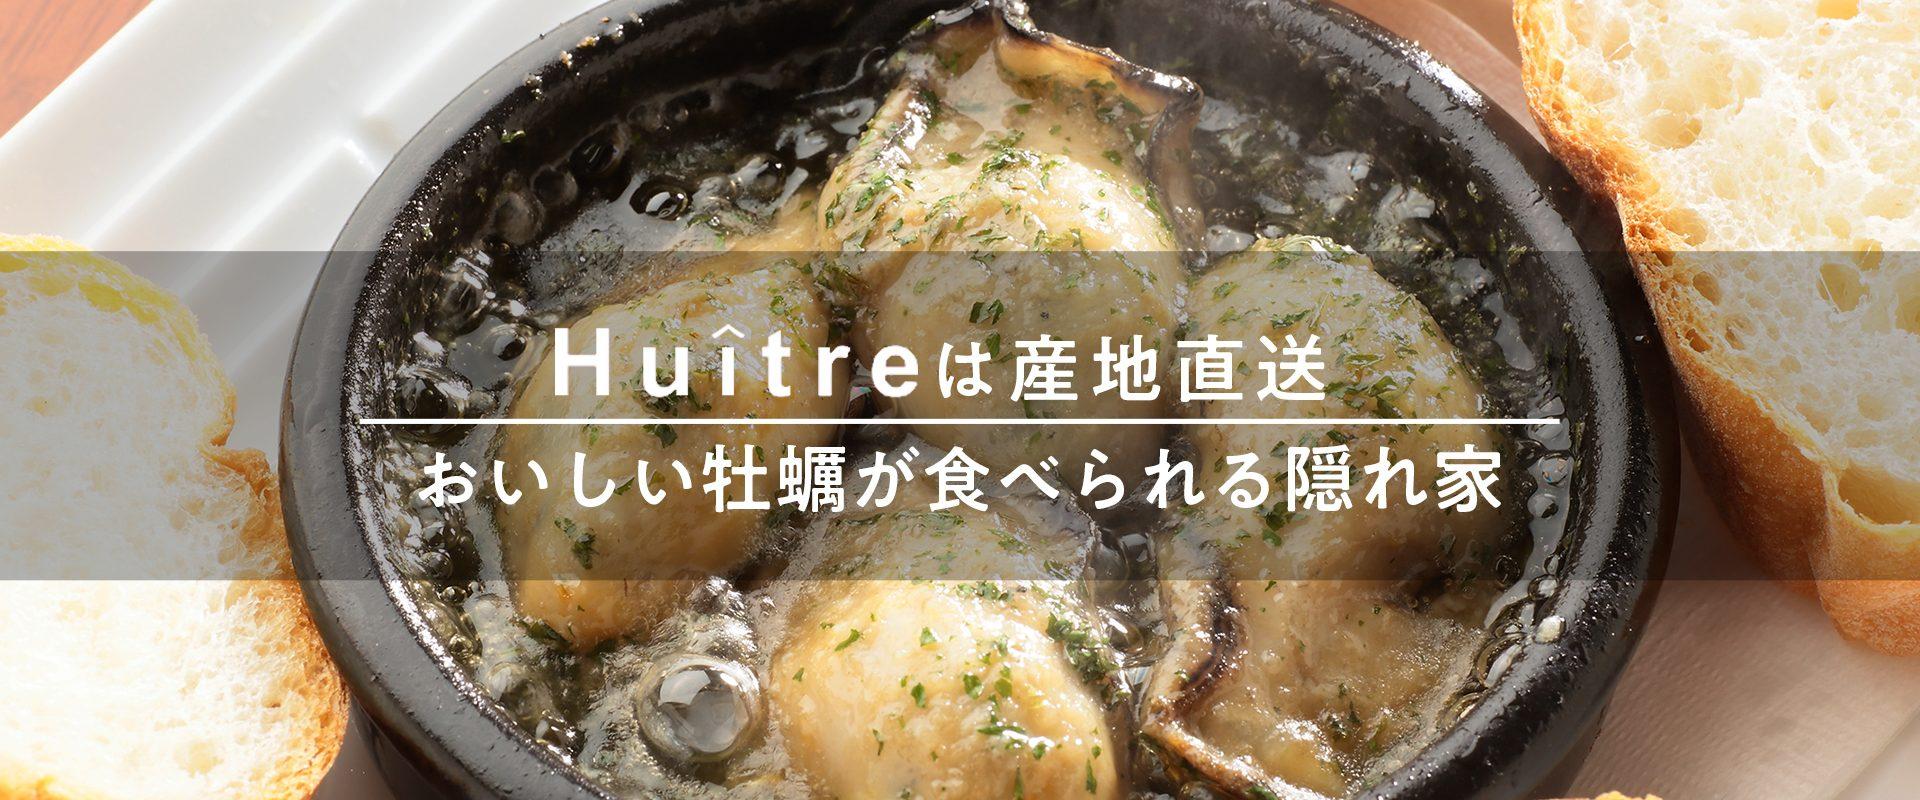 ゆいっとるは産地直送美味しい牡蠣が食べられるバル